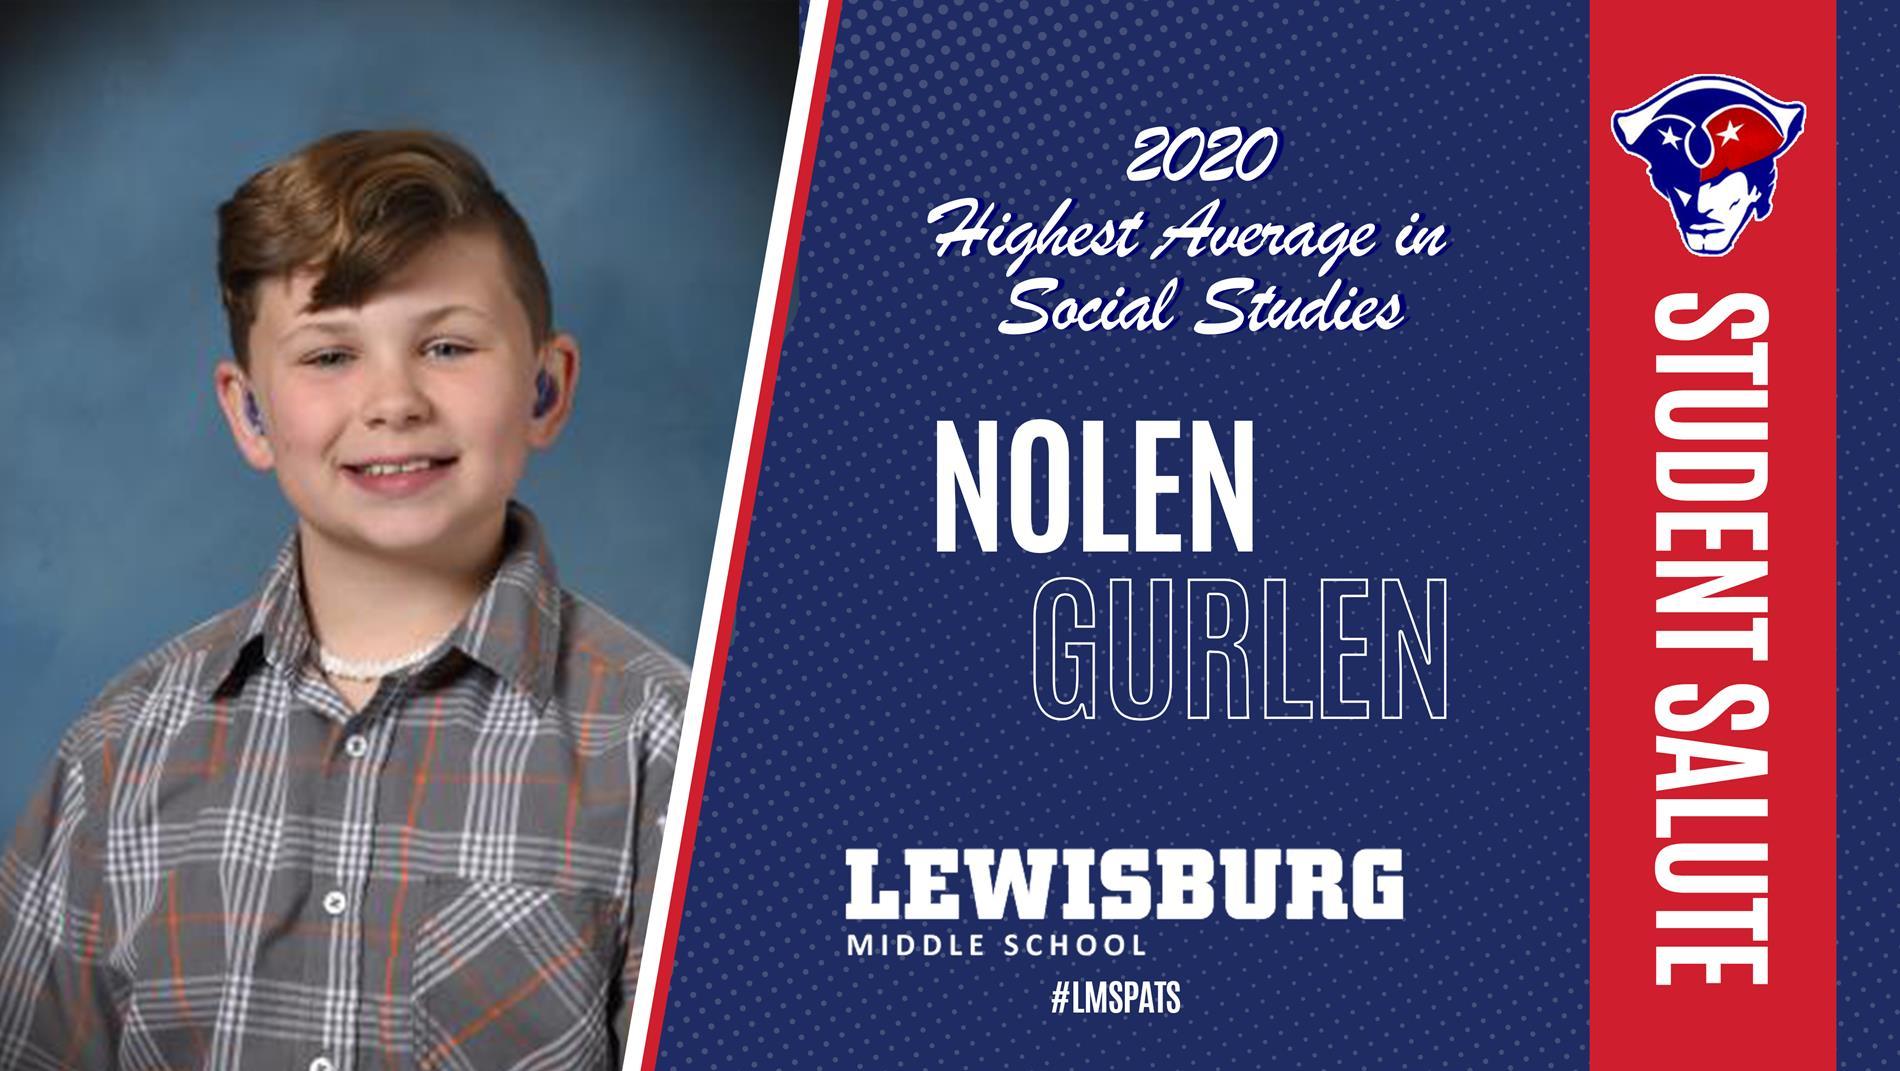 Congrats Nolan!